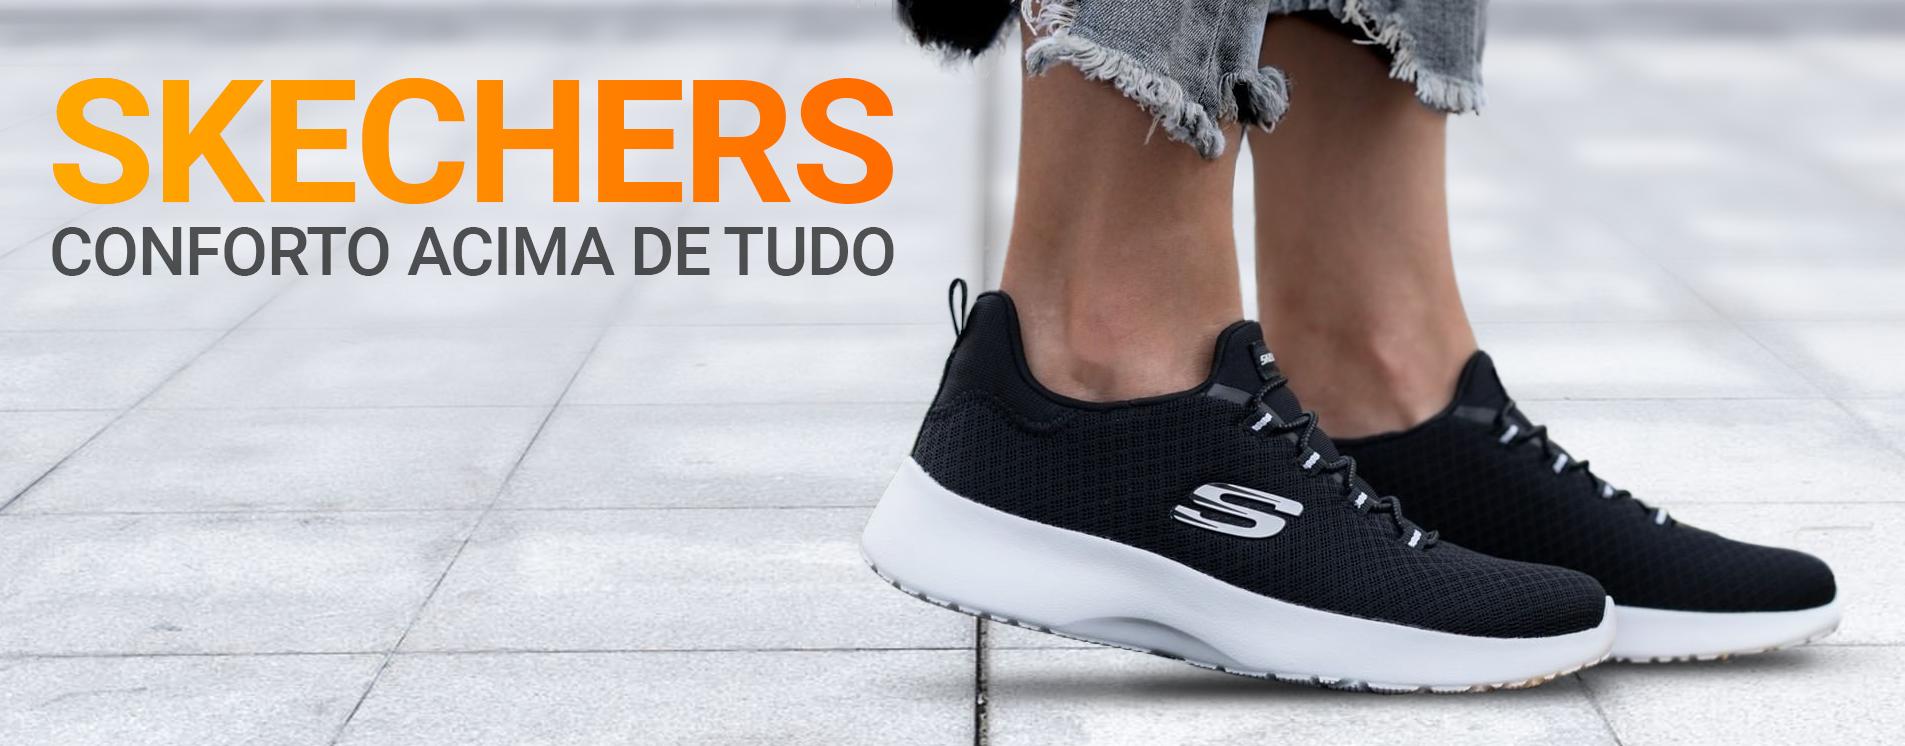 Skechers - Web